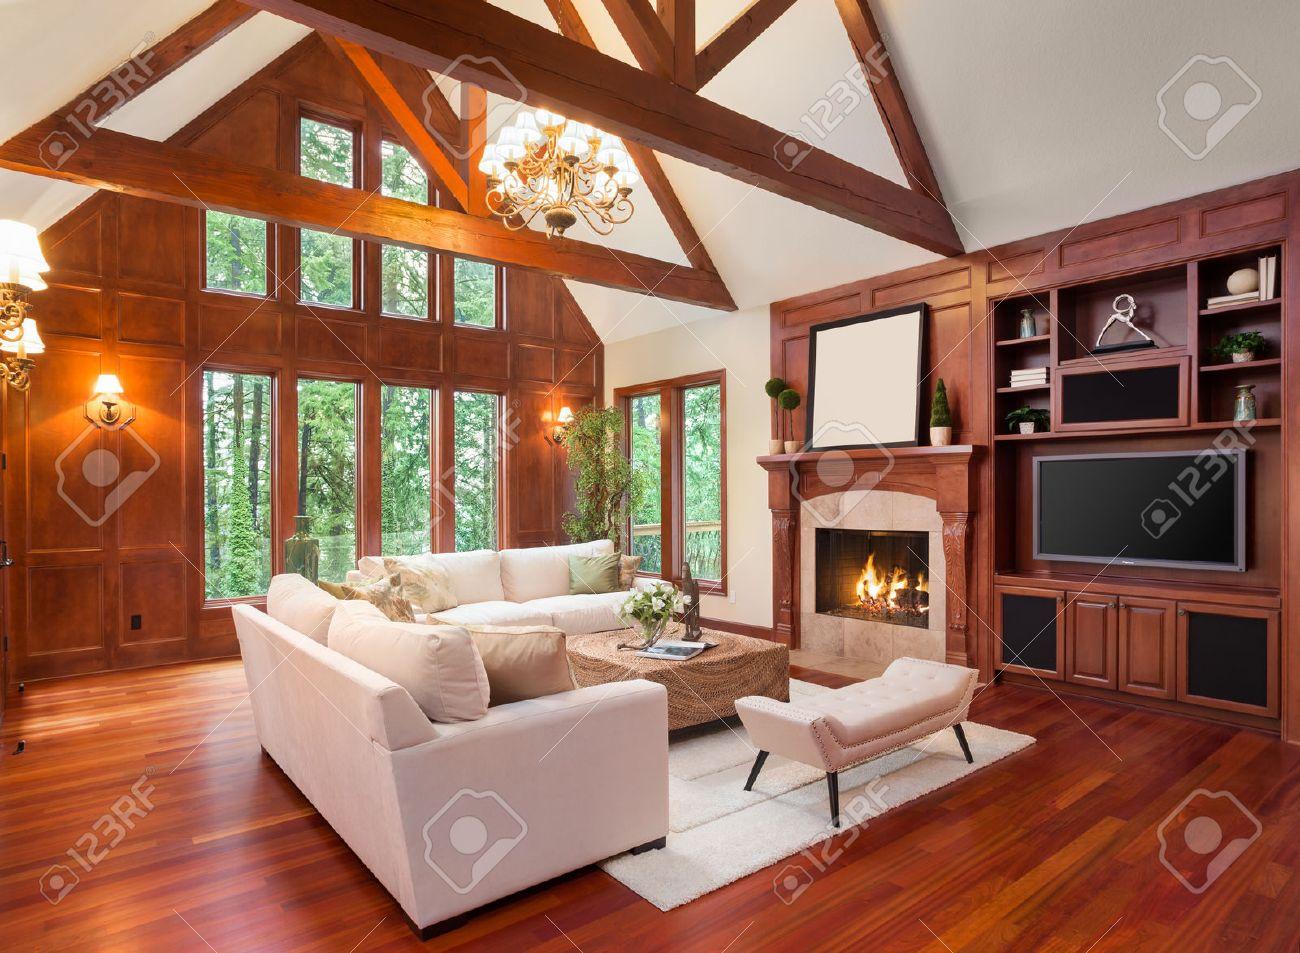 Schöne Wohnzimmer Interieur Mit Parkettboden Und Kamin In Neuen Luxus Haus.  Inklusive Einbauten Mit